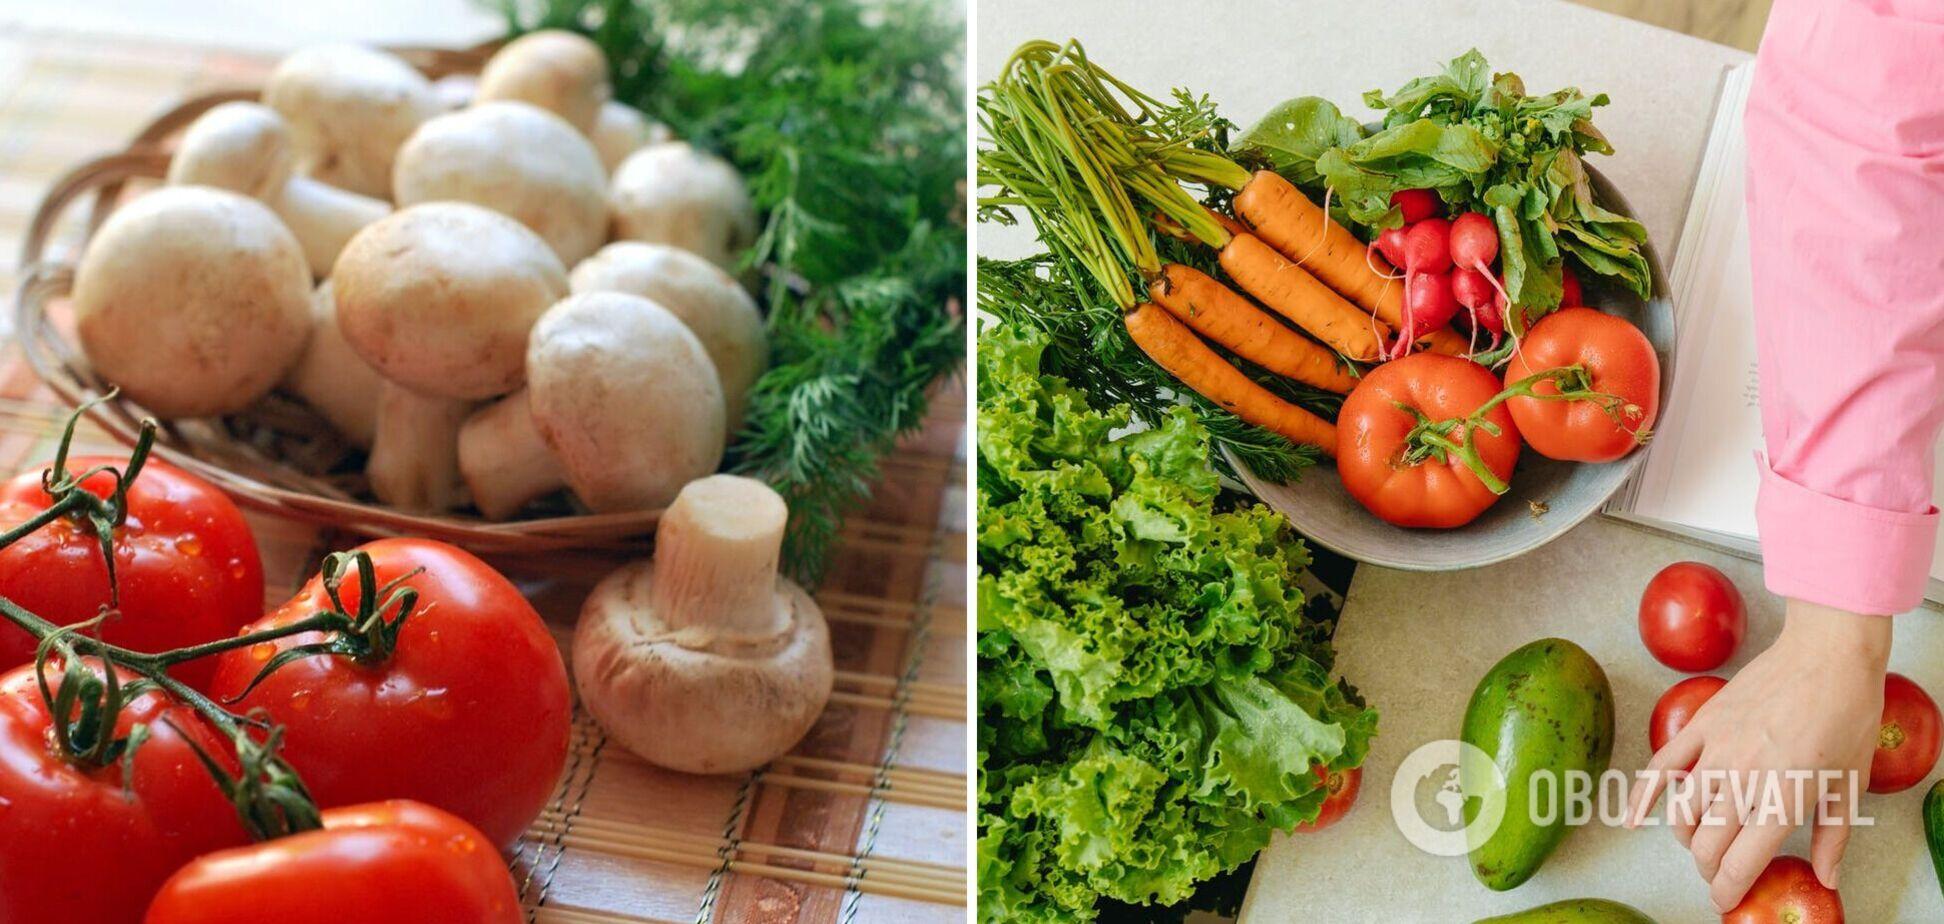 Какие овощи нужно есть каждый день